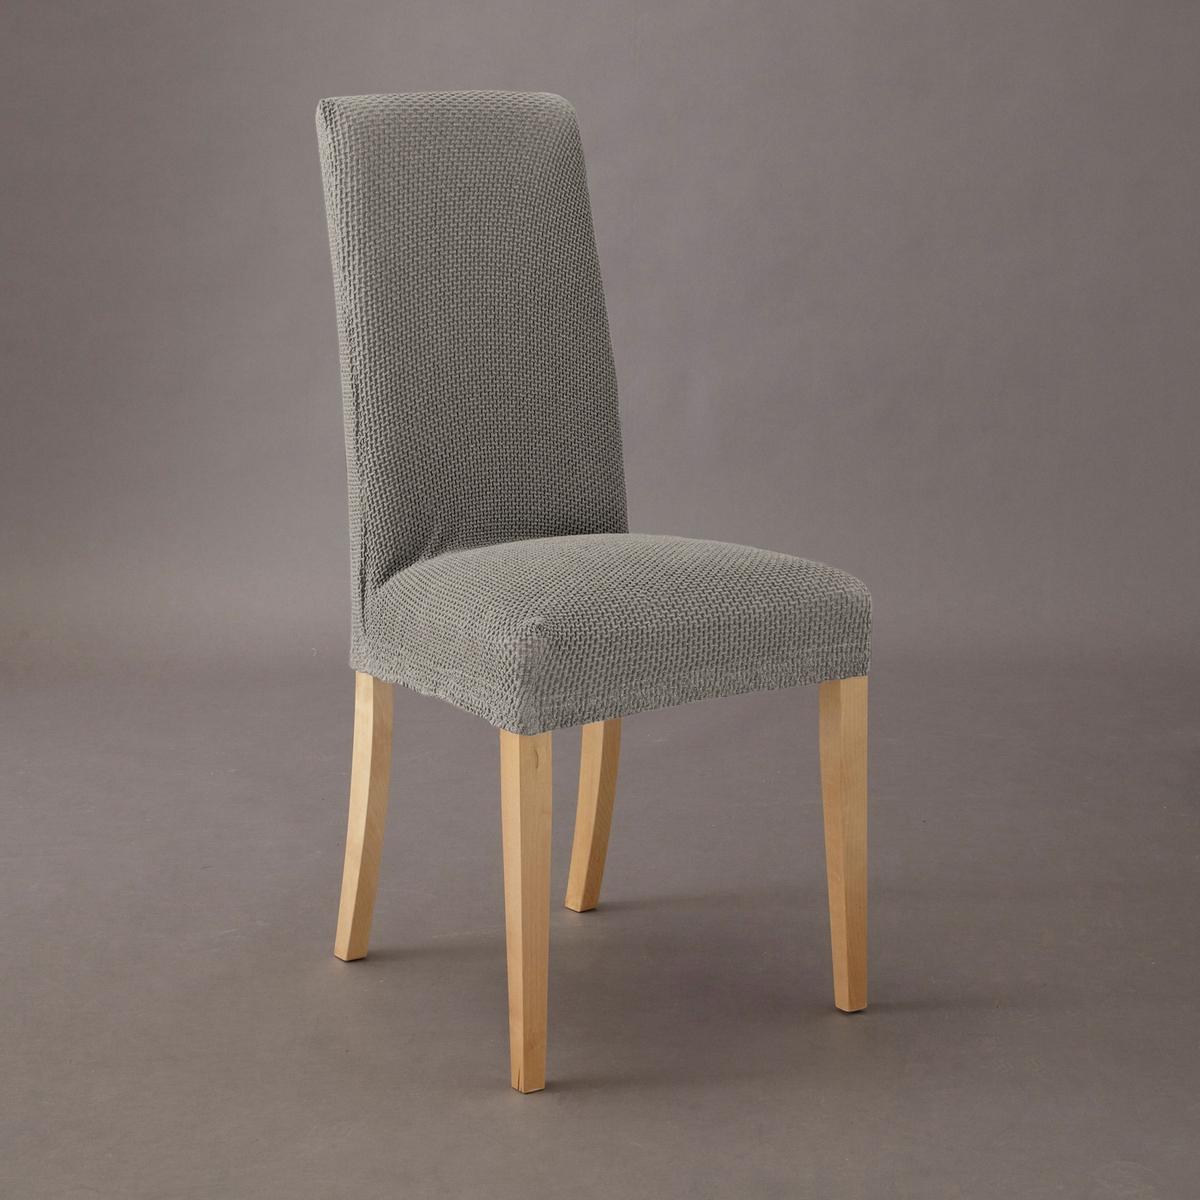 Чехол для стула АхмисОтличная идея для обновления интерьера! Сохраняет очертания стула и привносит новые мотивы в Ваш интерьер.Характеристики : -гофрированная ткань, 55% хлопка, 40% полиэстера, 5% эластана  стирка при 30° .  Эластичный низ, идеально обтягивает стул  !высота - 67см, ширина сиденья - 40 см, длина сиденья - 47см, высота переднего полотнища юбки - 17см.<br><br>Цвет: антрацит,бежевый,красный,серо-коричневый каштан,серый<br>Размер: единый размер.единый размер.единый размер